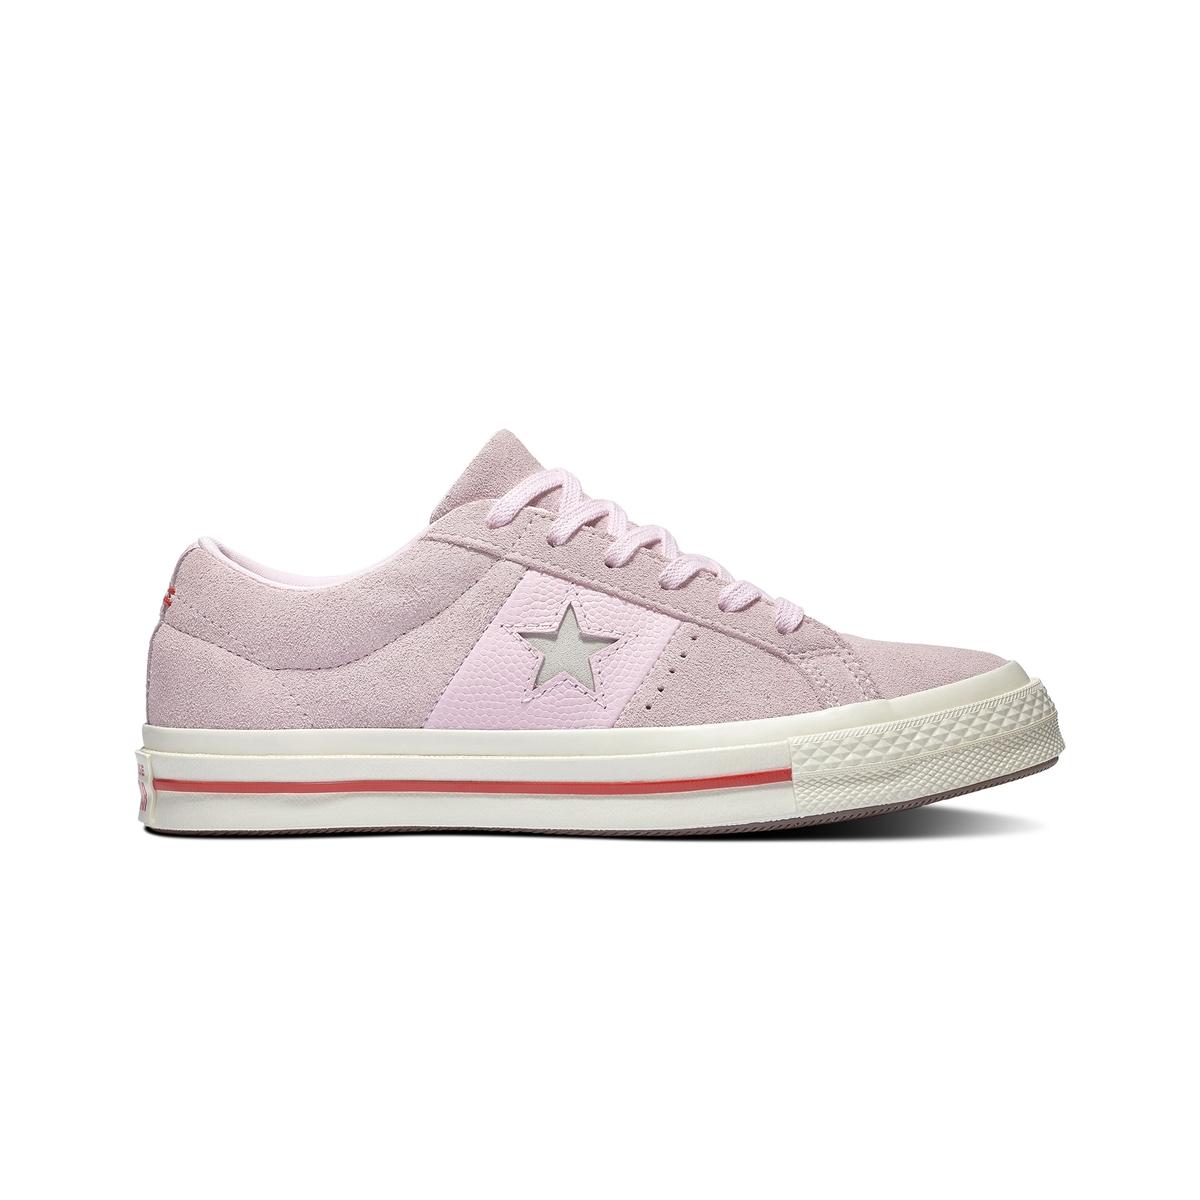 Imagen principal de producto de Zapatillas deportivas de piel One Star - Converse